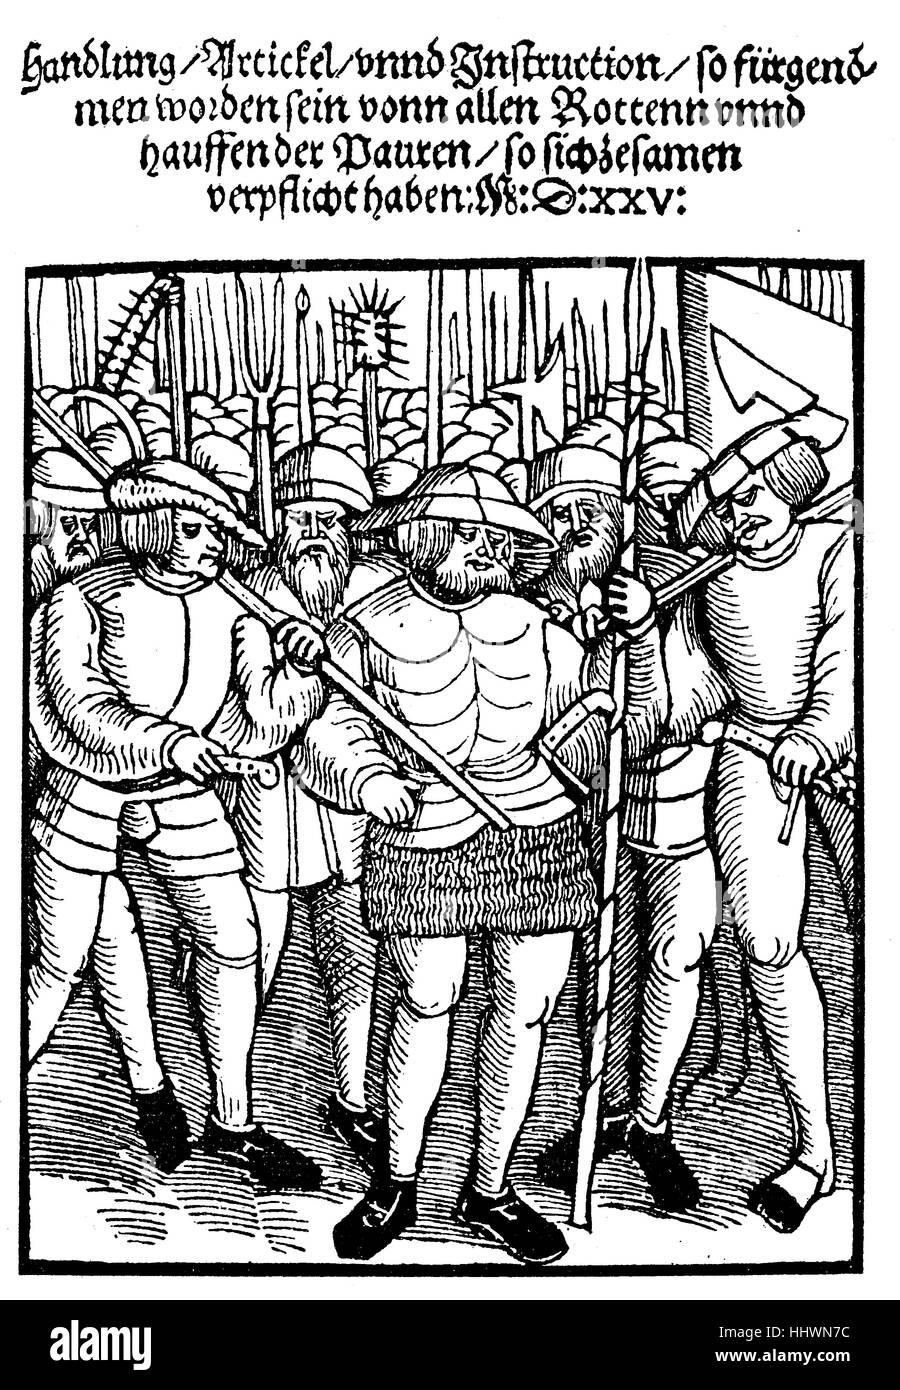 Die Titelseite der einen Flyer, Broschüre von 1525, enthält die zwölf Artikel der Bauern, Bauernhof Stockbild